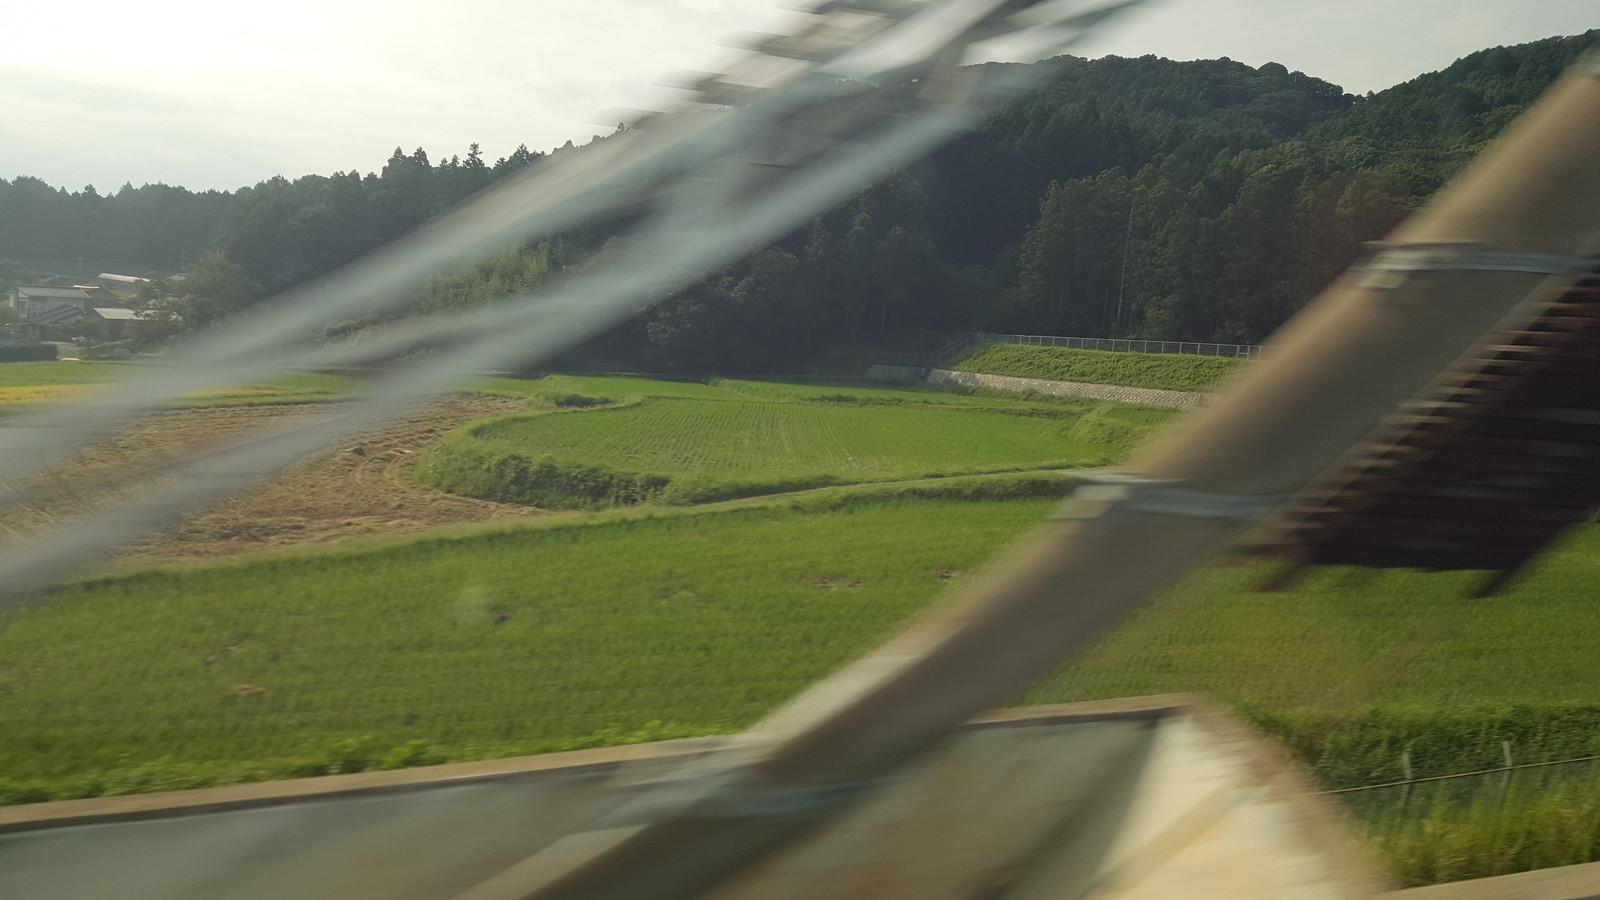 新幹線の N-700 は速さが十分です - (The N-700 Shinkansen train is travelling at full speed)